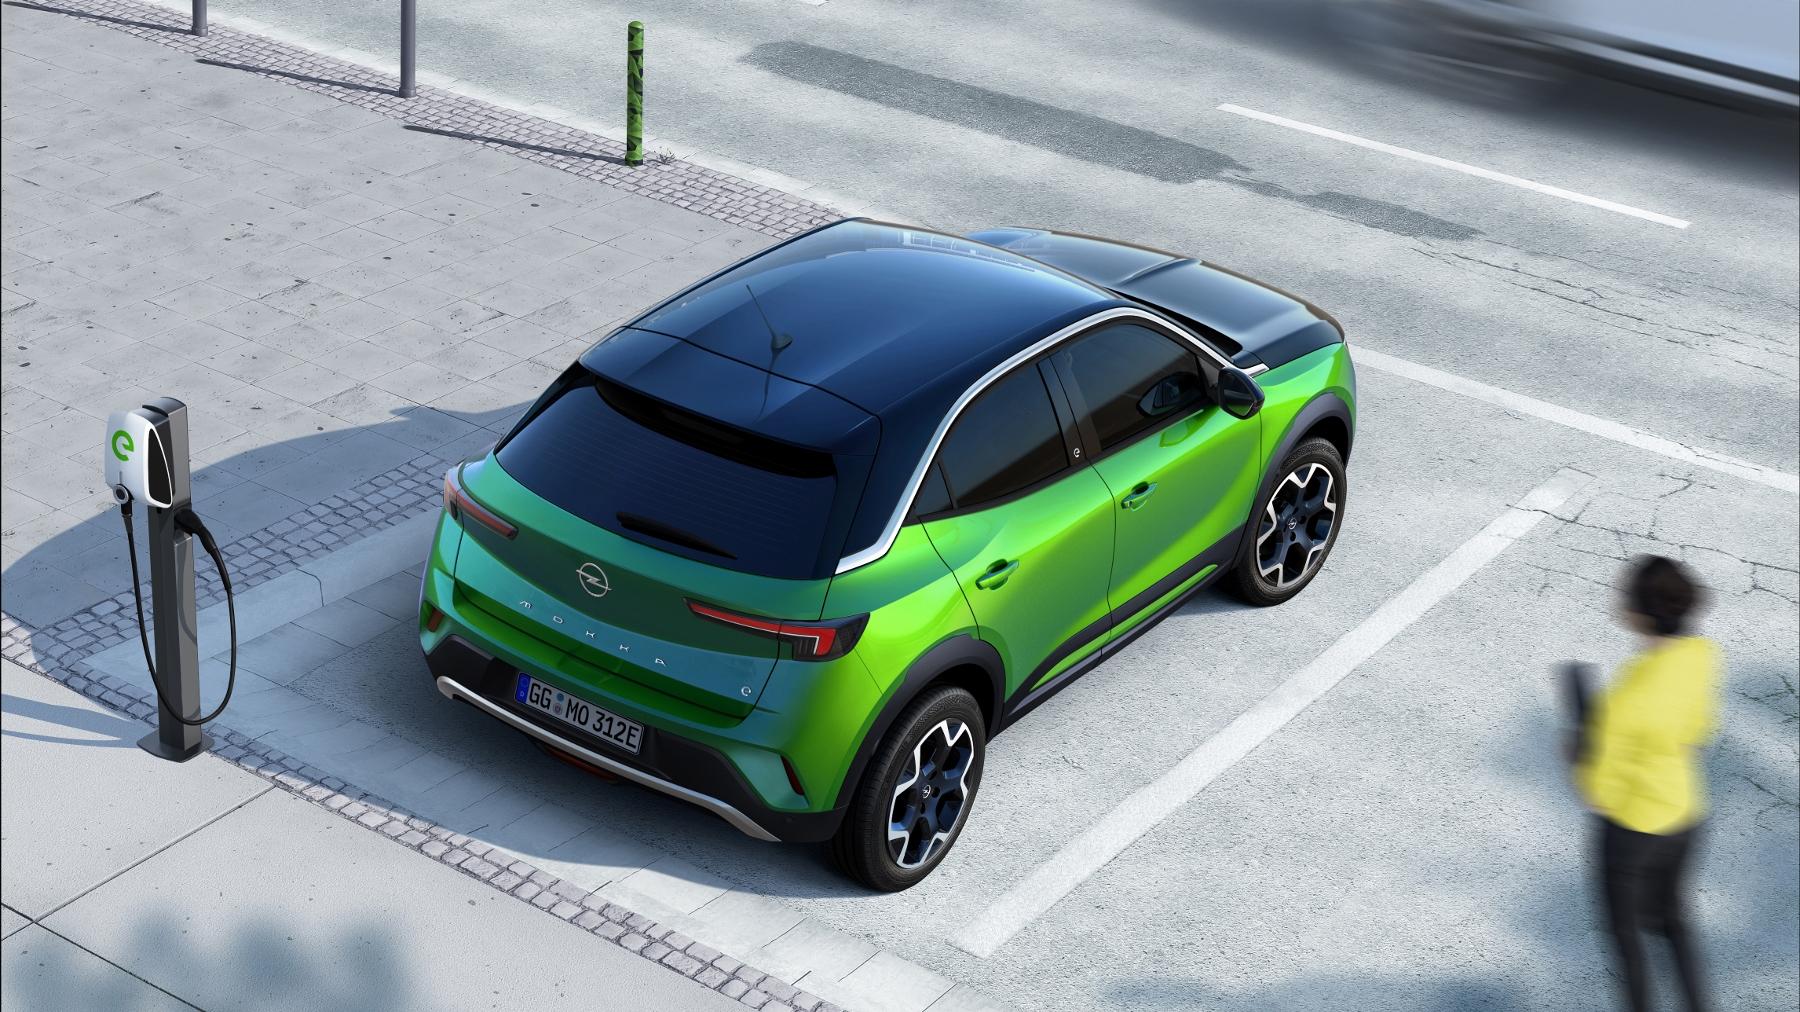 Opel Mokka sa od súrodencov odlíši odvážnym dizajnom MHhYVjaVpL 06-opel-mokka-e-512170-1800x1012